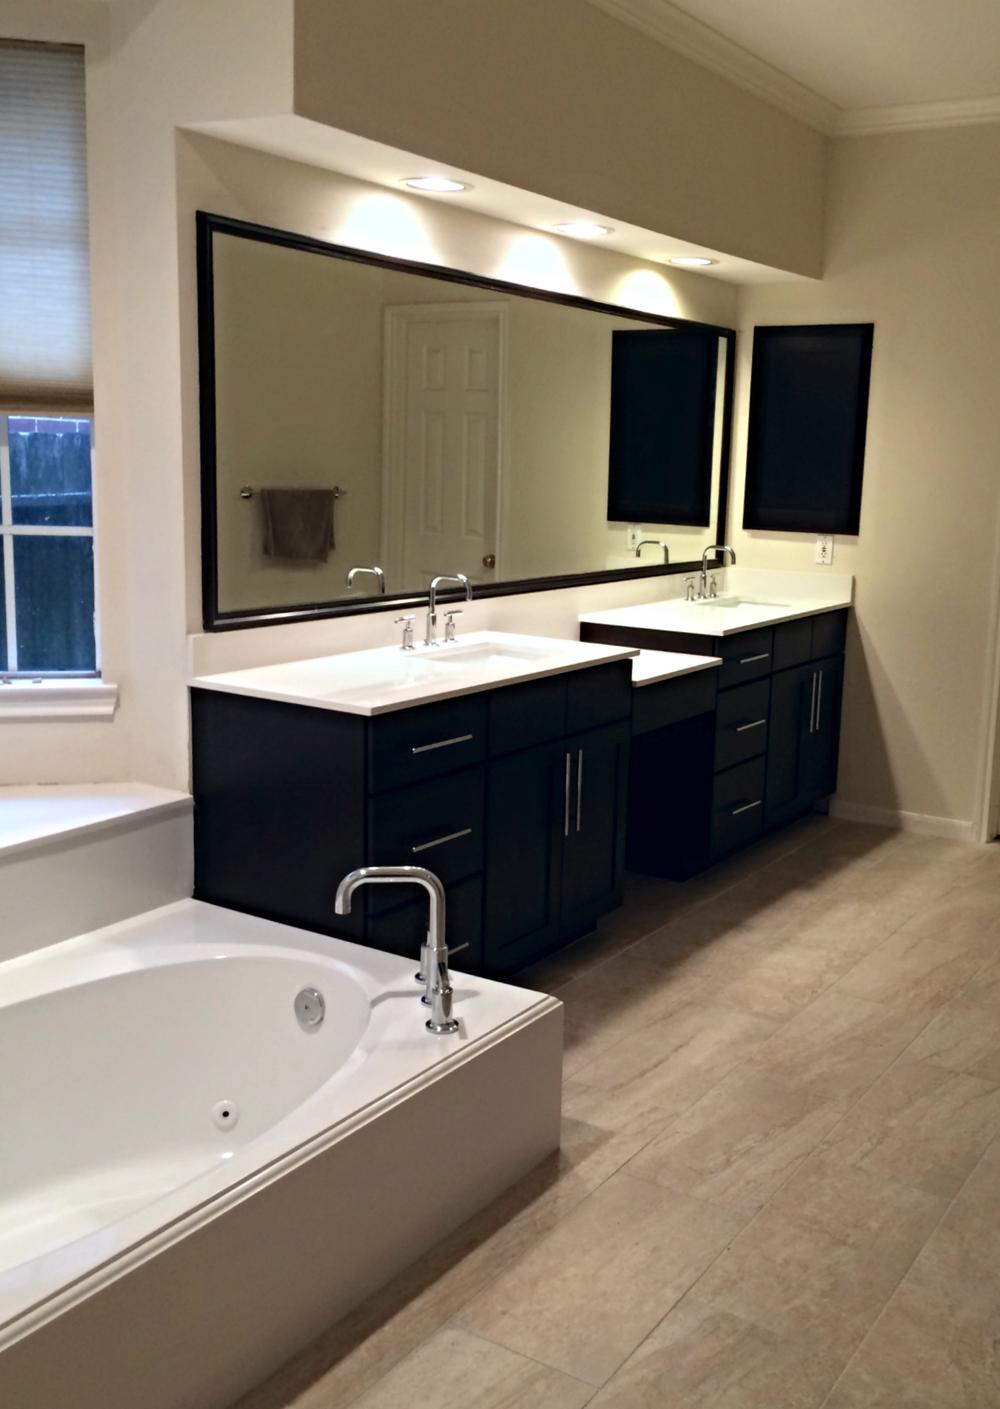 sugar-land-bathroom-remodel-whodid-it-designs